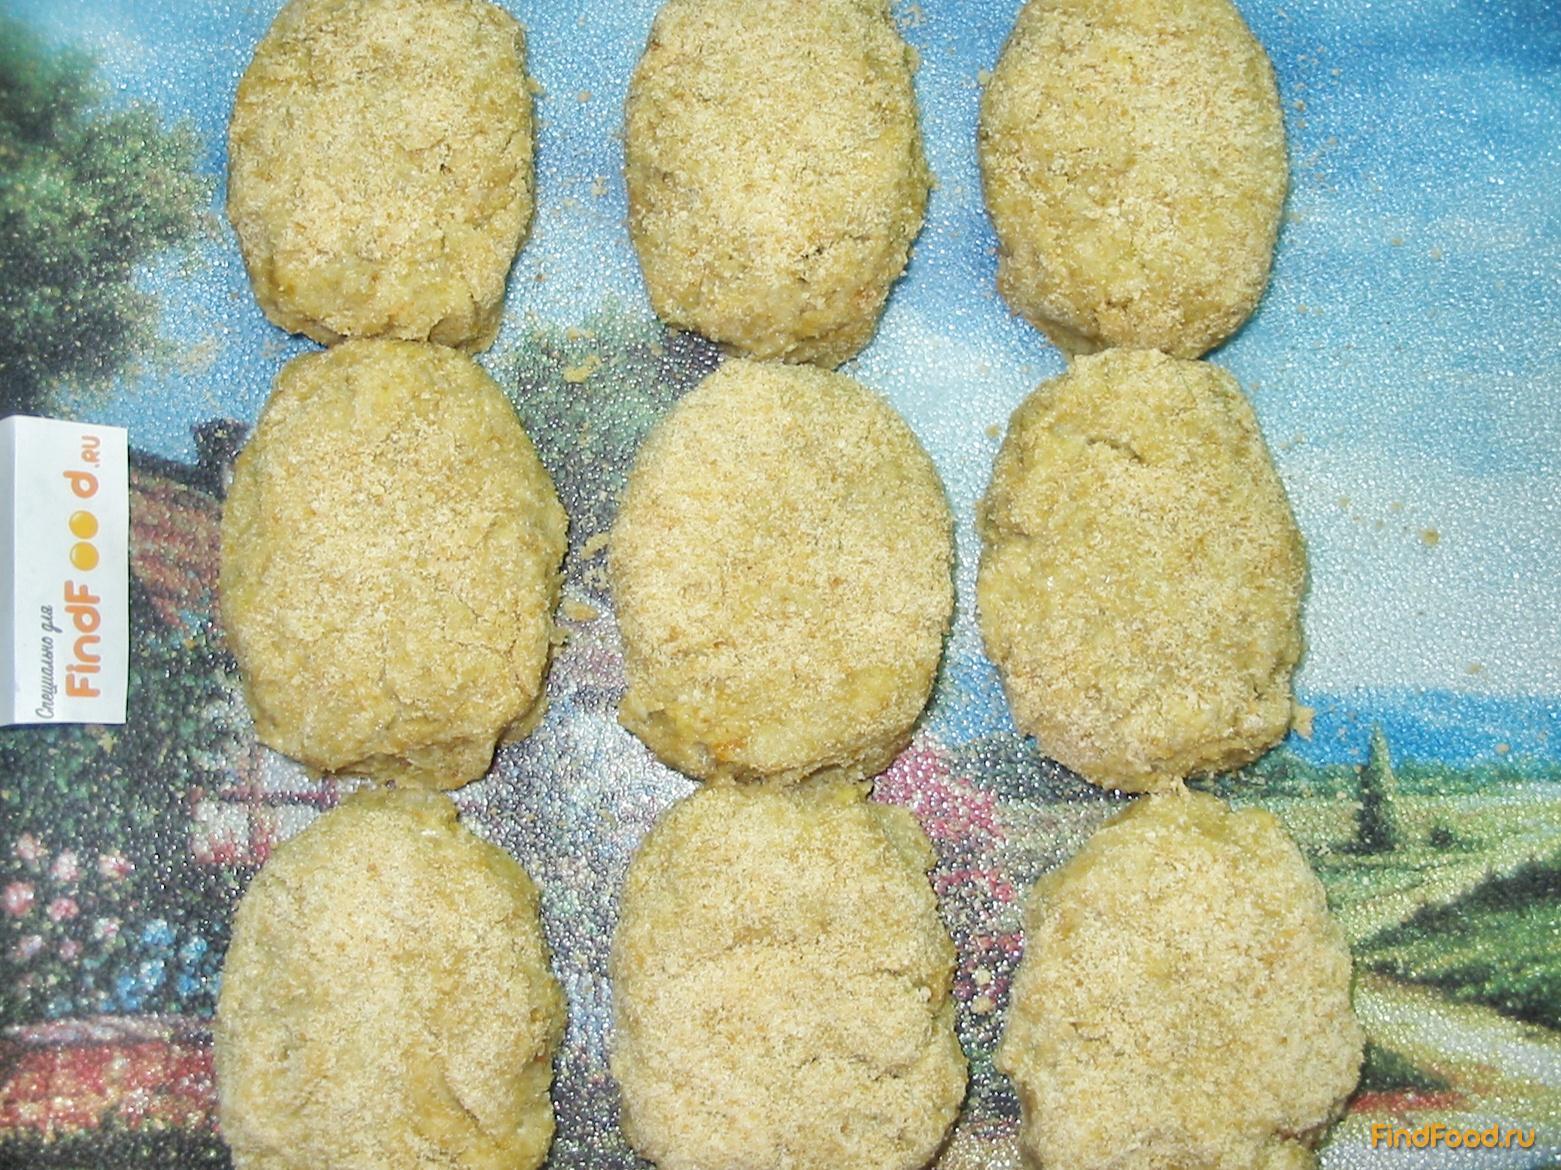 Рецепт капустных котлет без манки пошагово